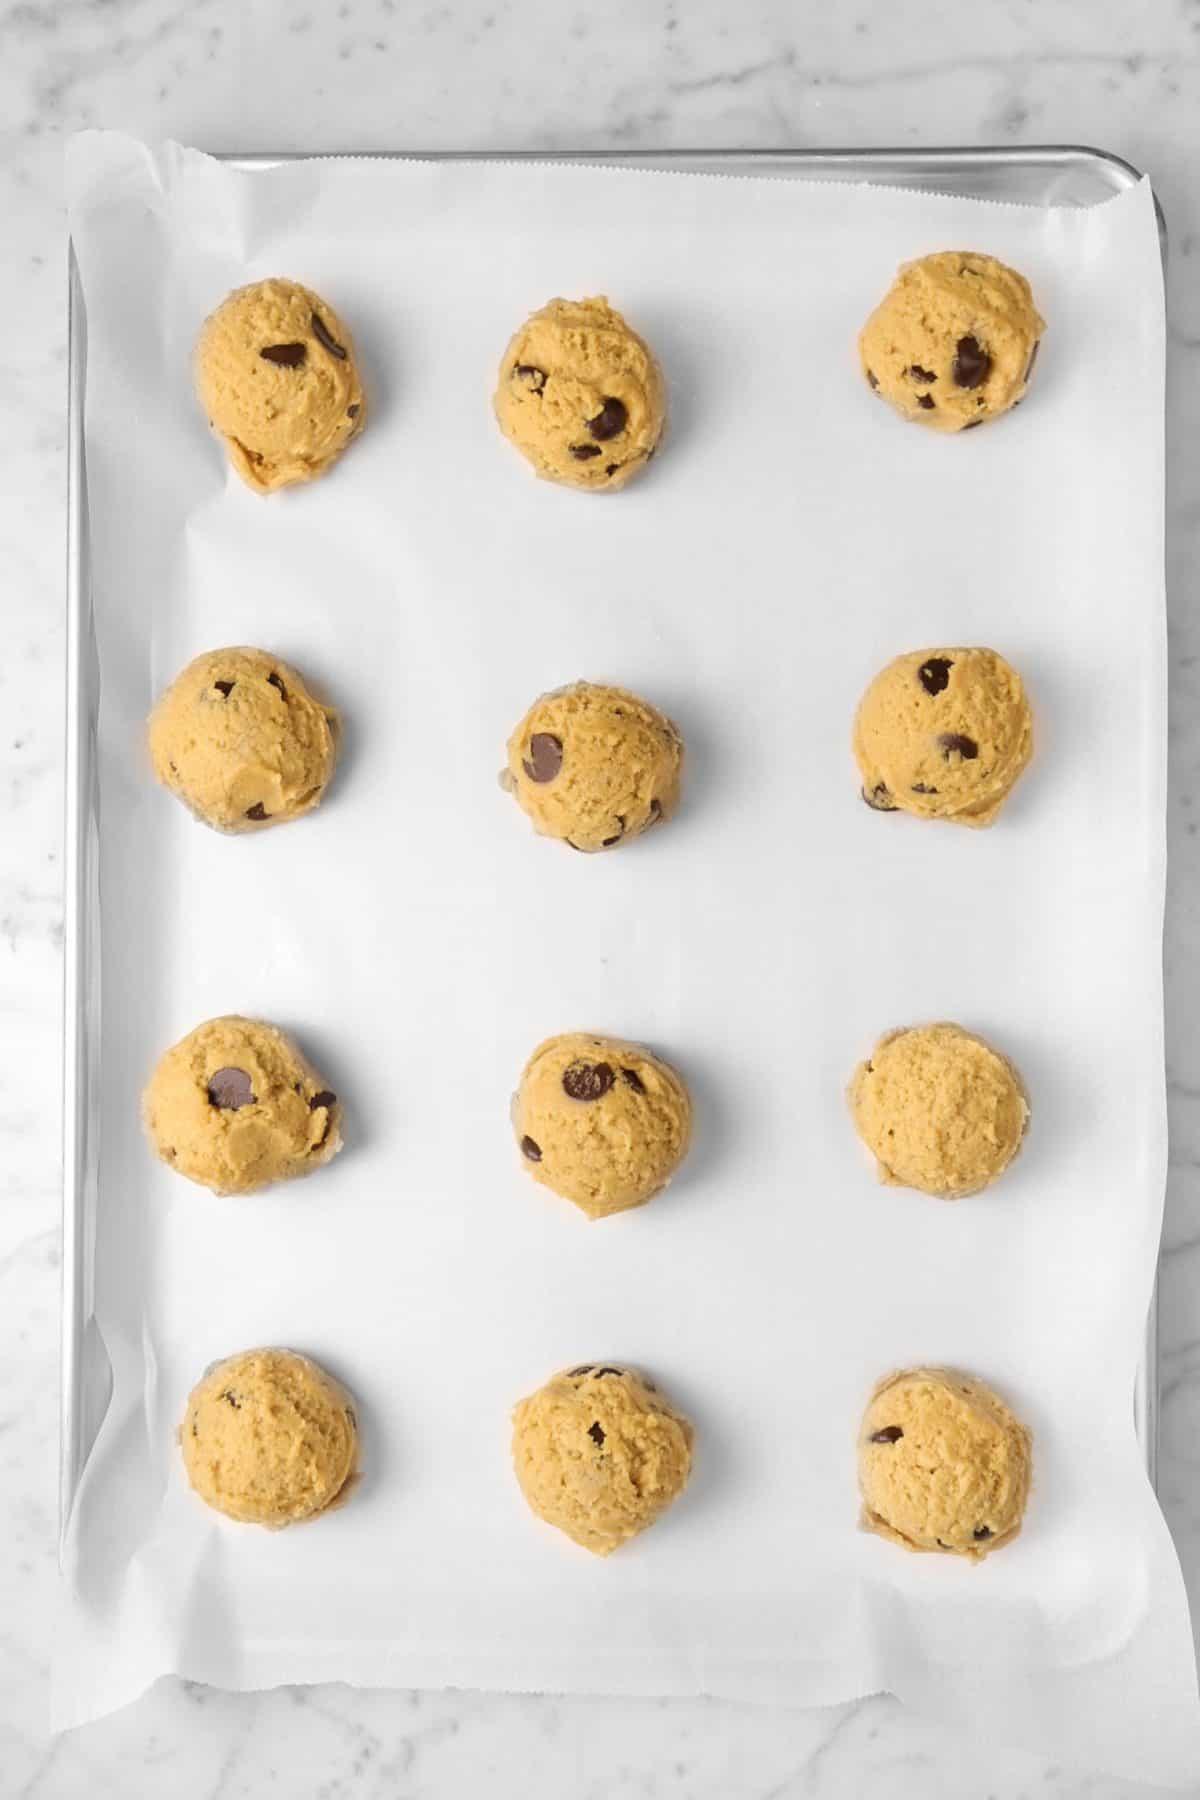 peanut butter cookie dough on a baking sheet